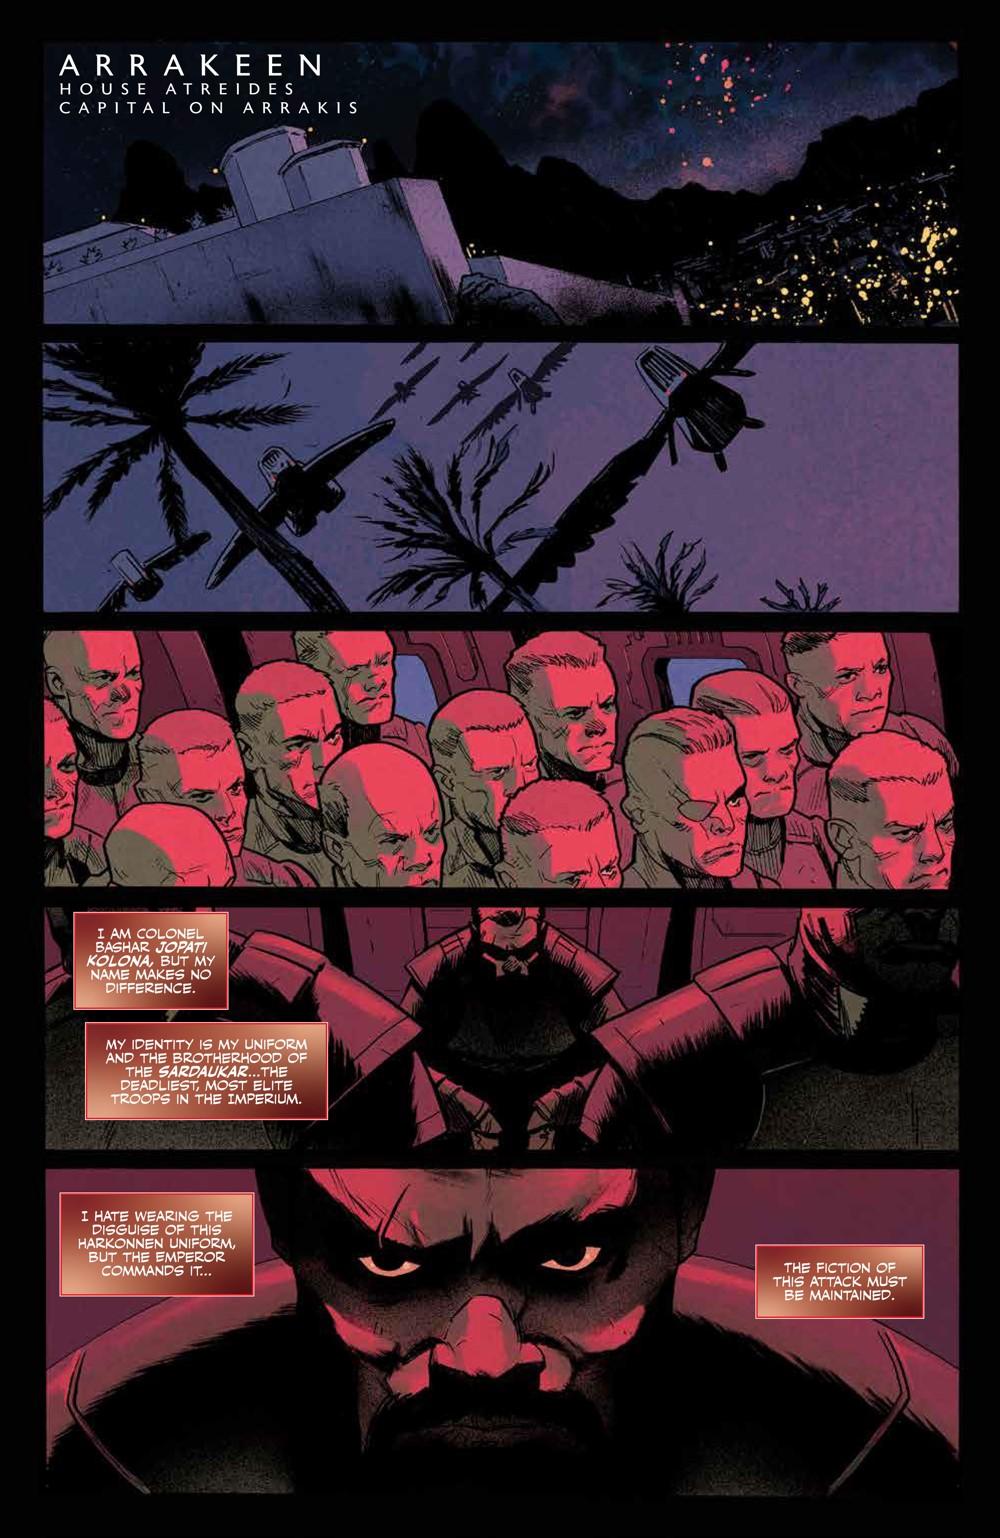 Dune_BloodSardaukar_001_PRESS_4 ComicList Previews: DUNE BLOOD OF THE SARDAUKAR #1